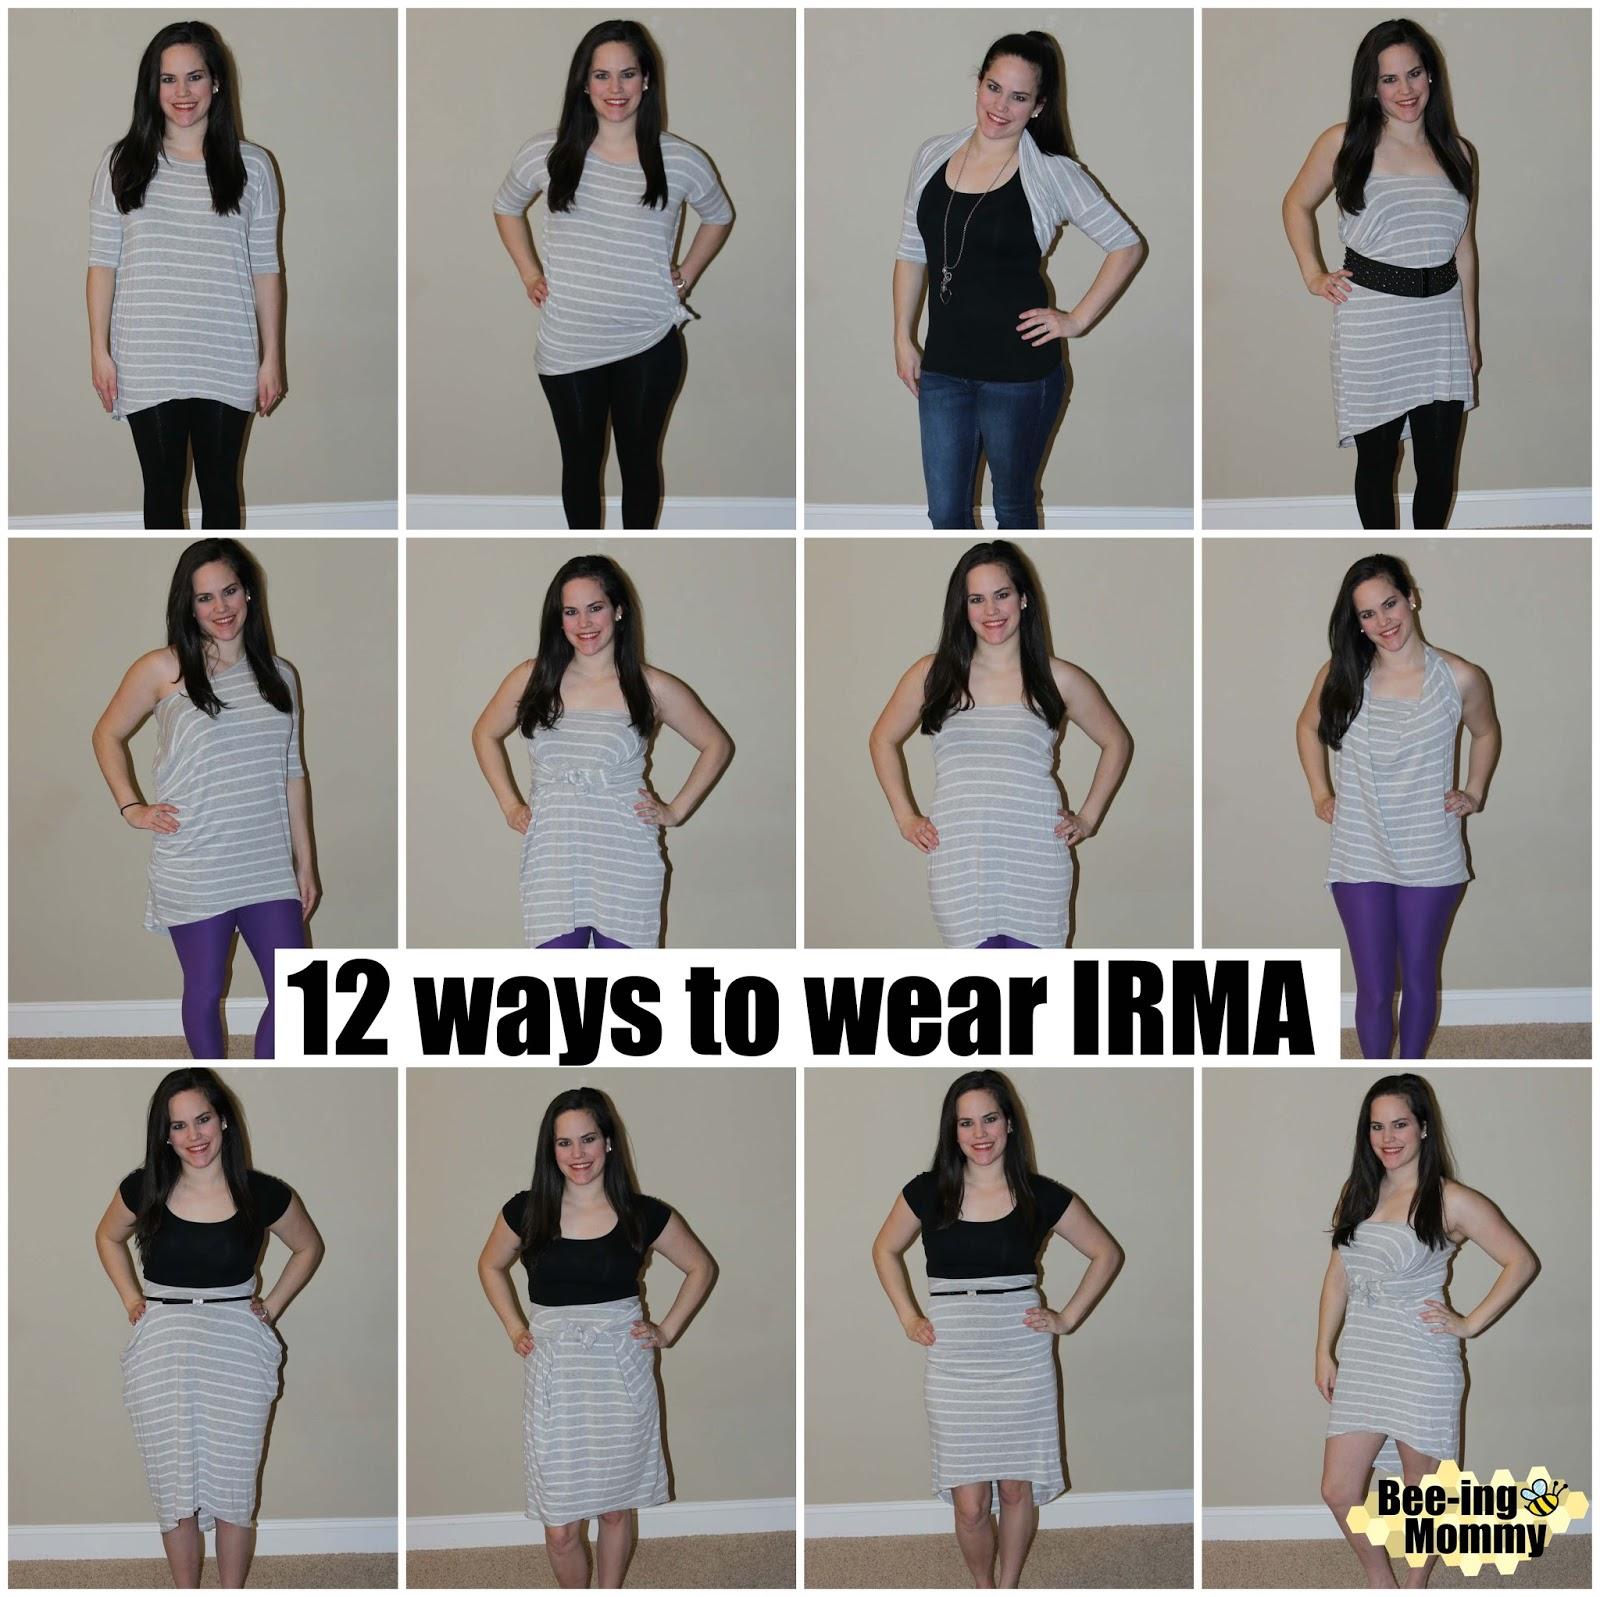 9ad8af69 LulaRoe Irma, LulaRoe, Irma, LulaRoe top, LulaRoe Irma styling tips, LulaRoe